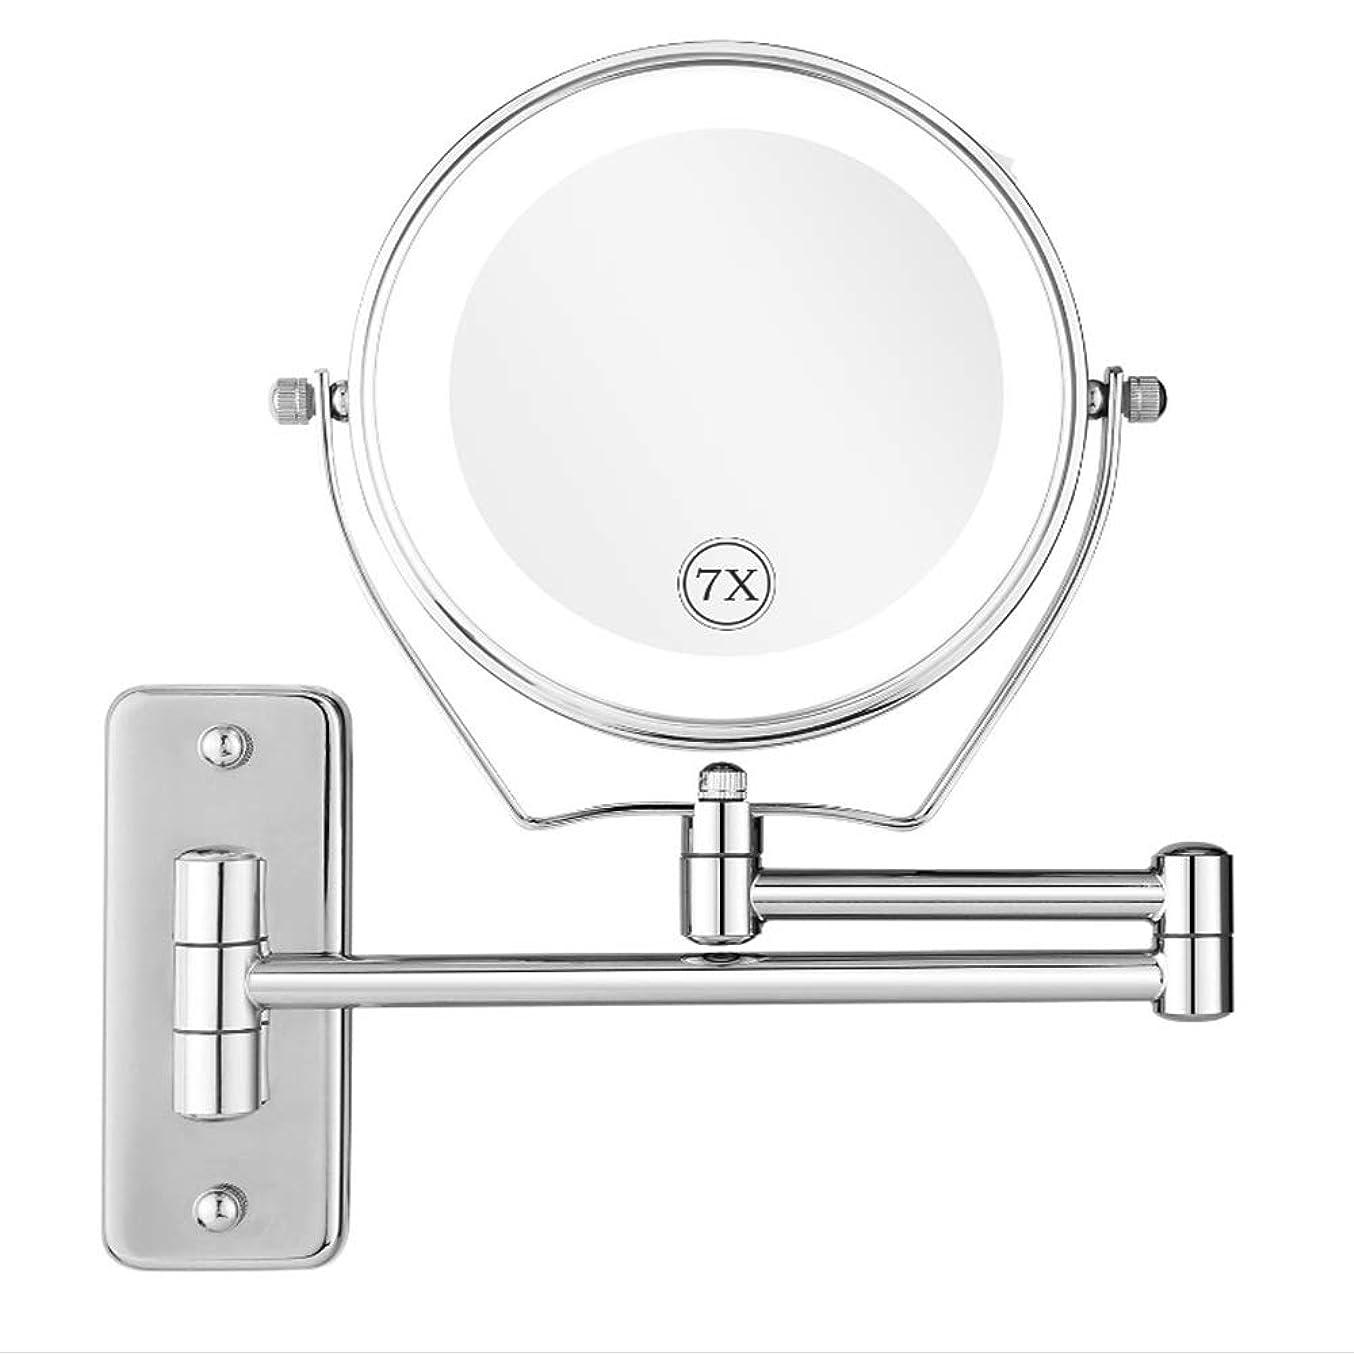 困惑した資格しつけ化粧鏡 壁は、ミラーLED美容ミラー7X倍率折りたたみバニティランプリトラクタブル360回転機能鏡(6インチ)に取り付けられ (色 : 銀, サイズ : 6in)